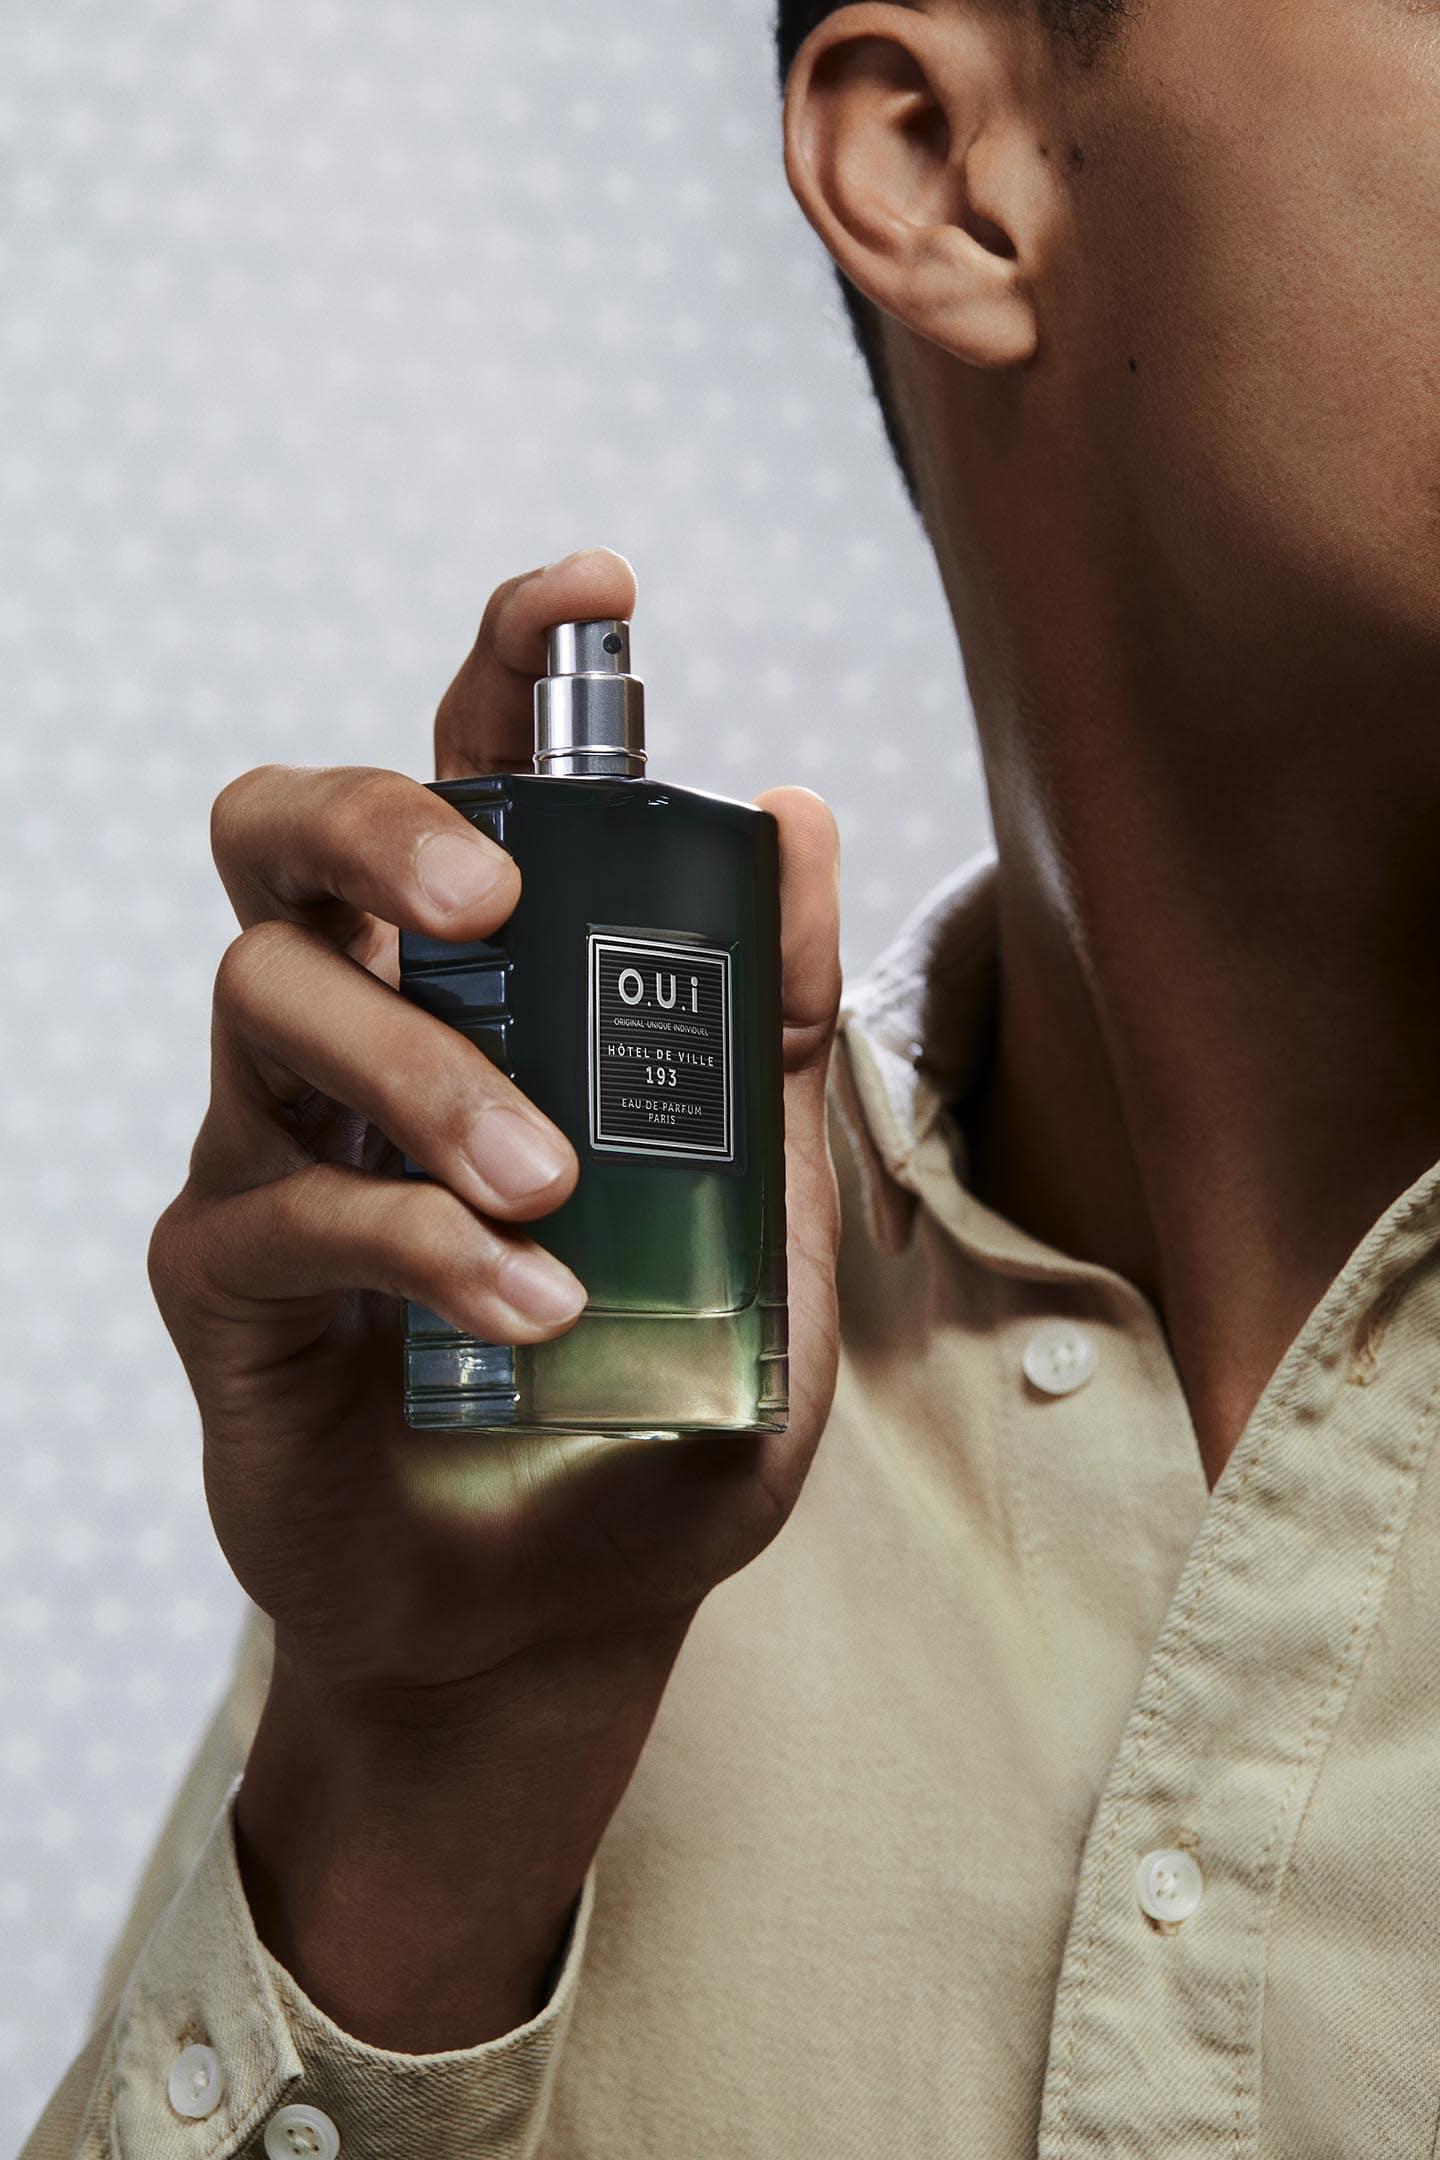 Photo homme tenant parfum Hôtel de ville 193